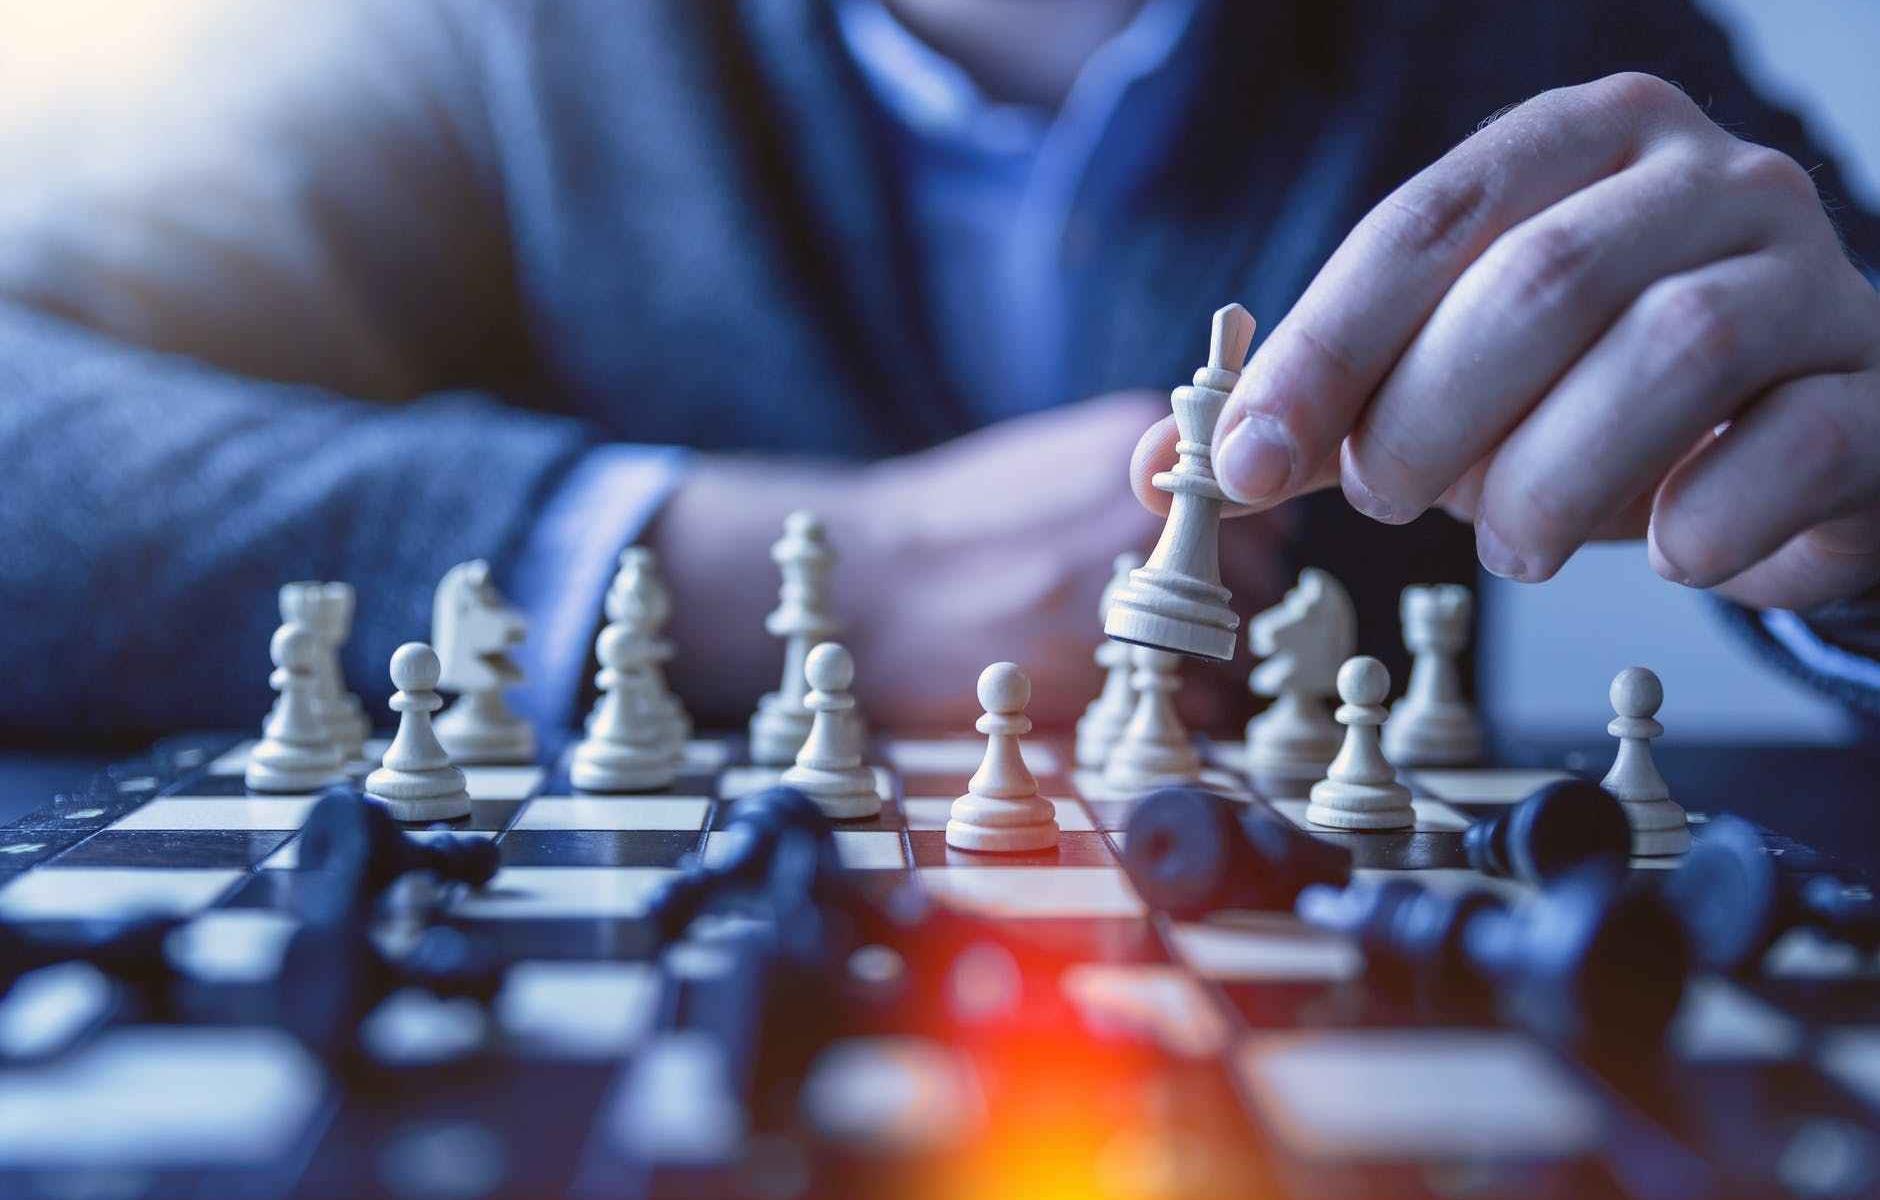 Strategia di vendita basata sul processo decisionale del cliente